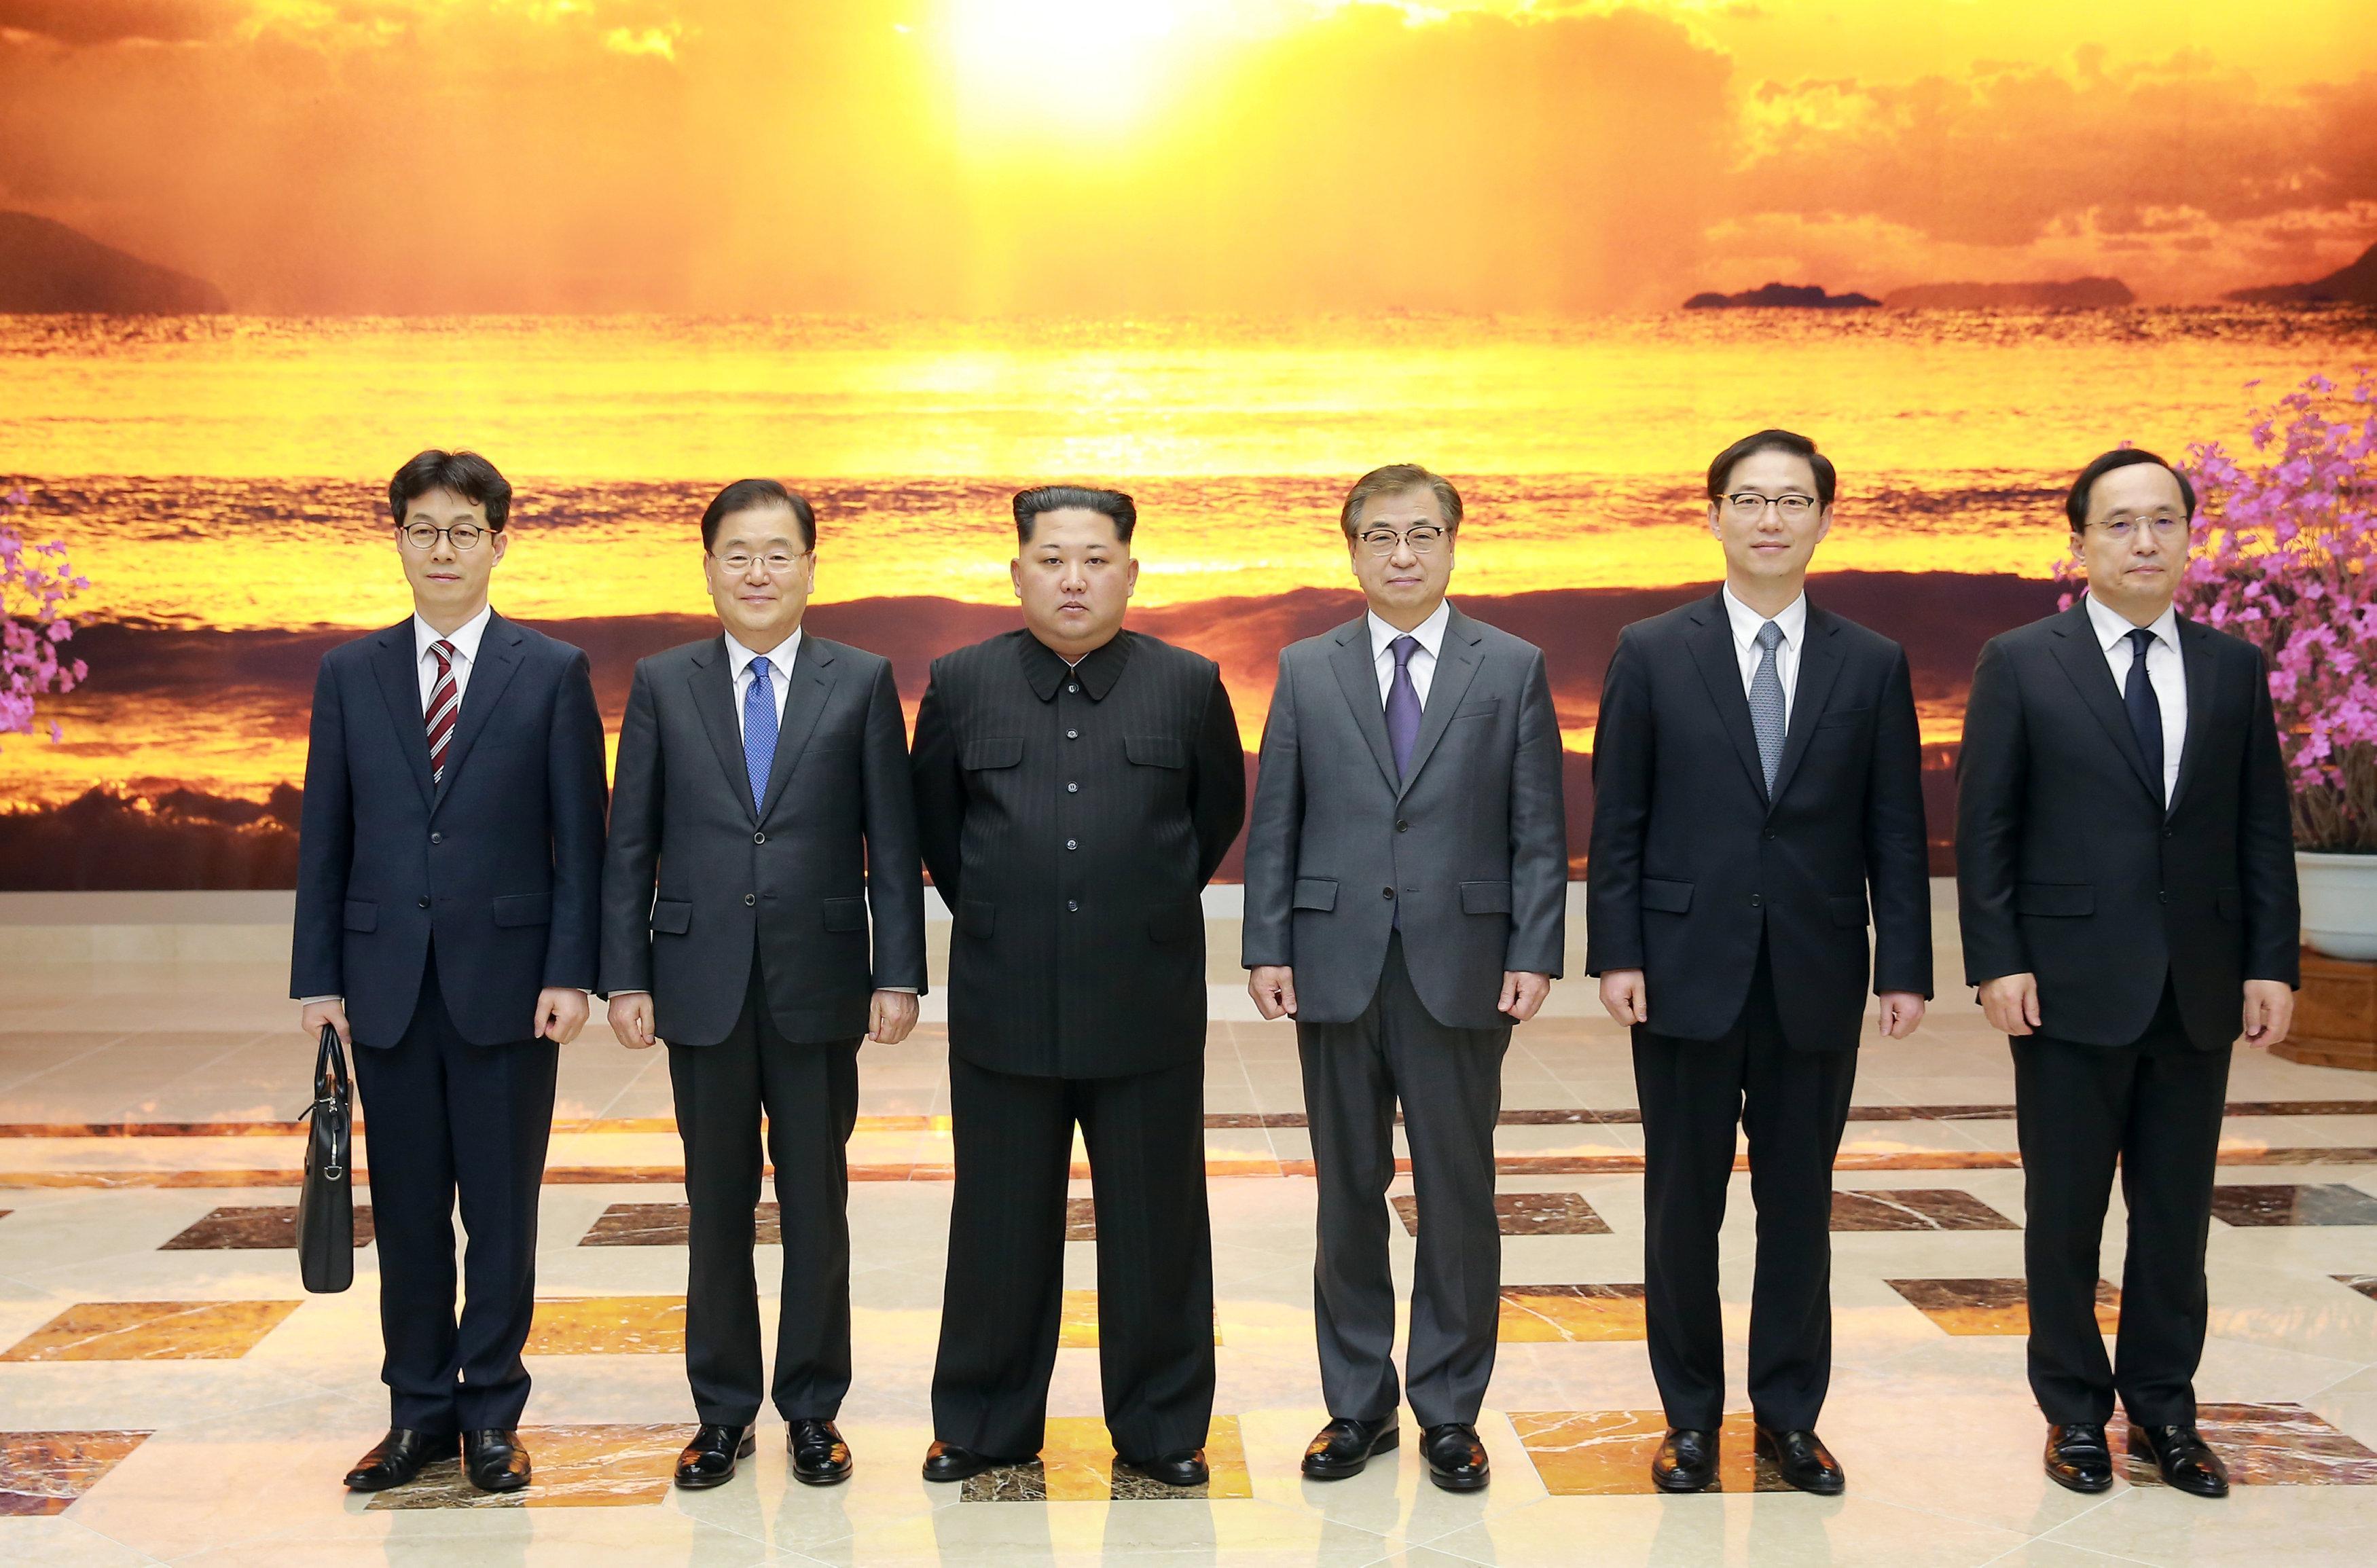 Bán đảo Triều Tiên trước bước ngoặt chưa từng có, ông Vương Nghị tuyên bố công thuộc về TQ - Ảnh 1.